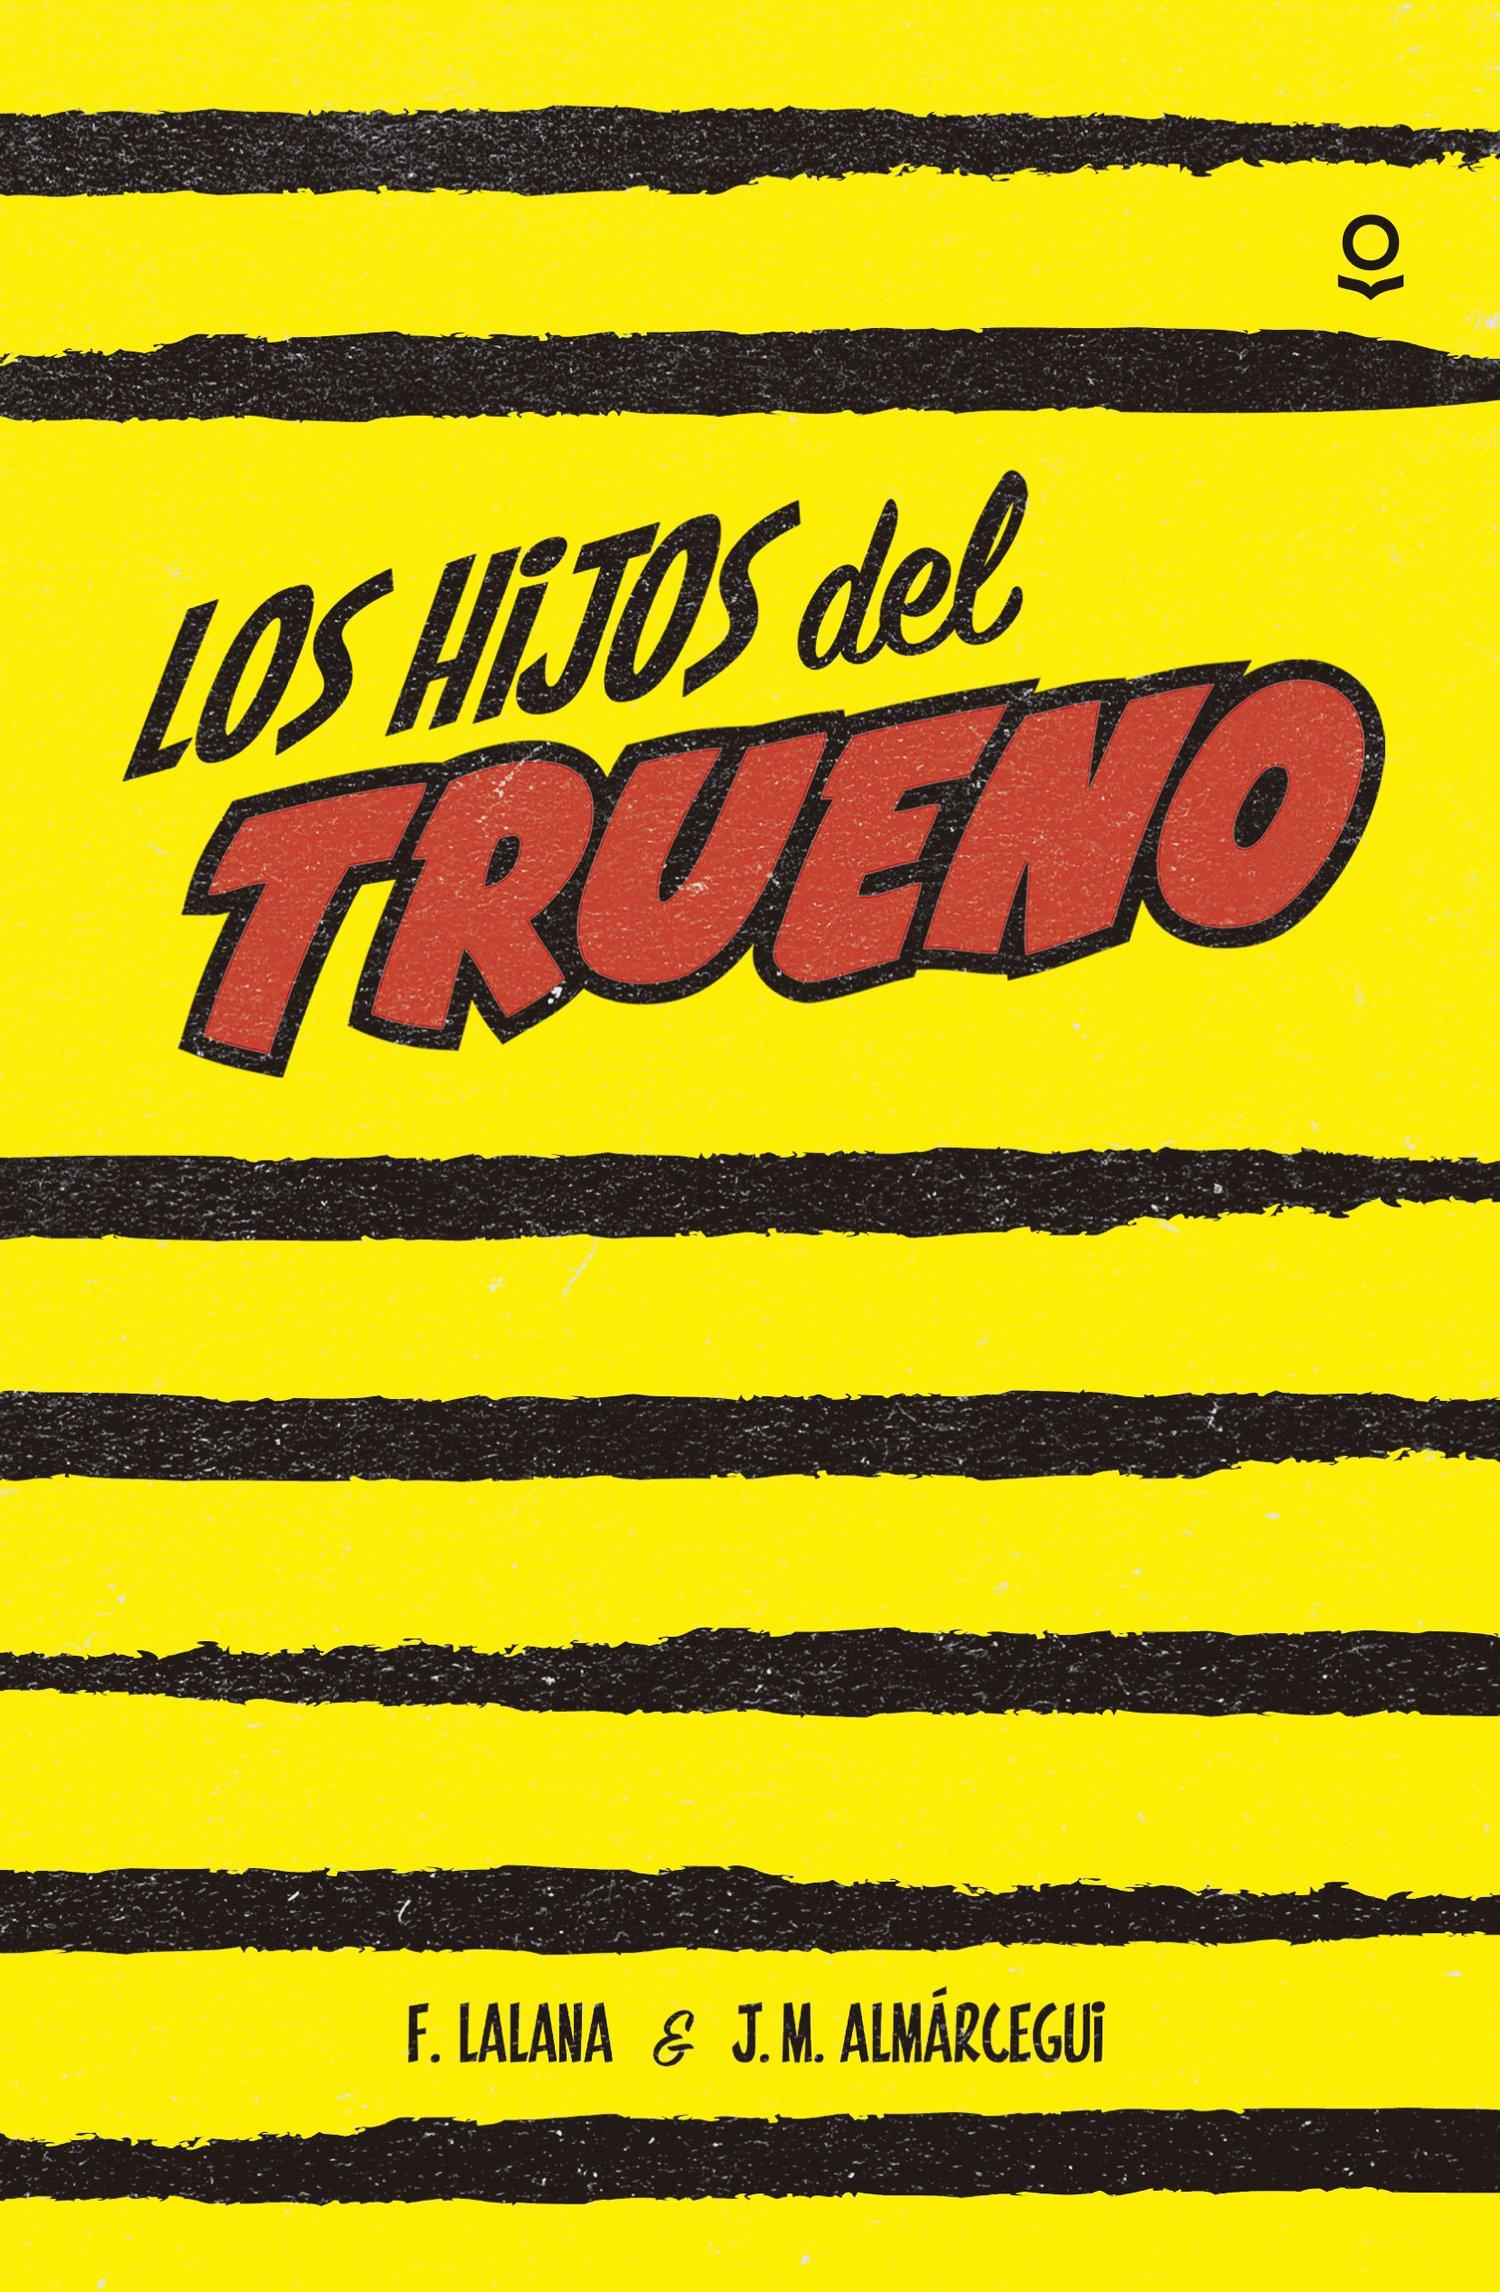 Los Hijos Del Trueno Spanish Edition Lalana Fernando Almárcegui Jose Maria 9788491220558 Books